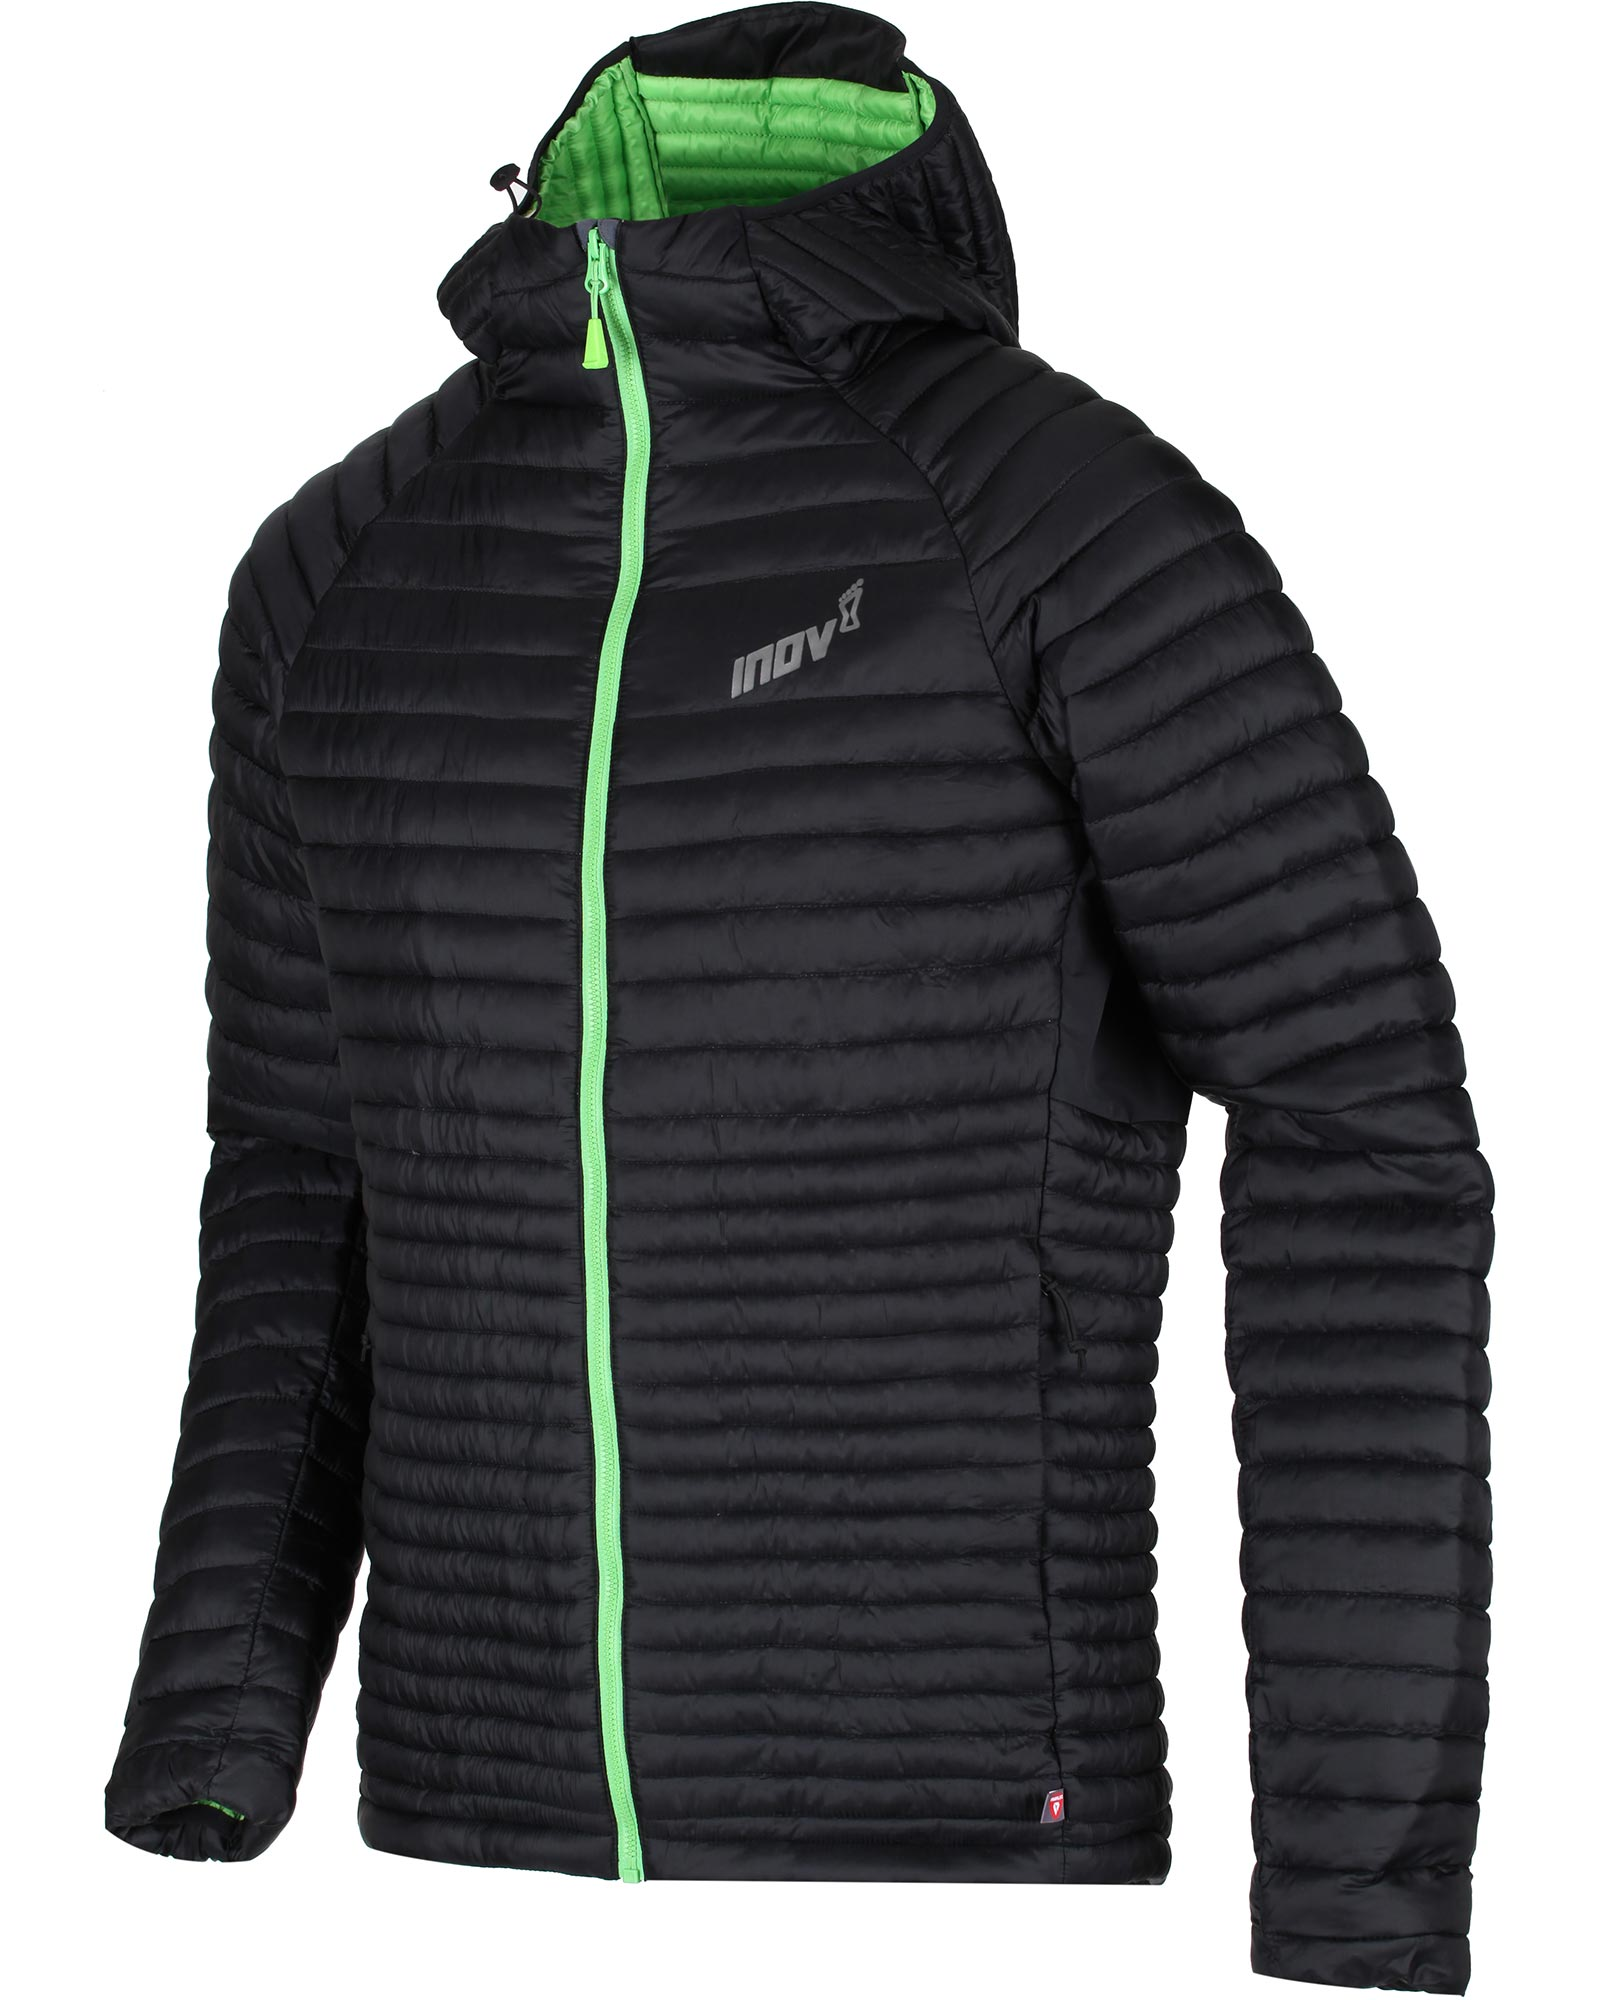 Inov-8 Men's Thermoshell Pro Jacket 2.0 0